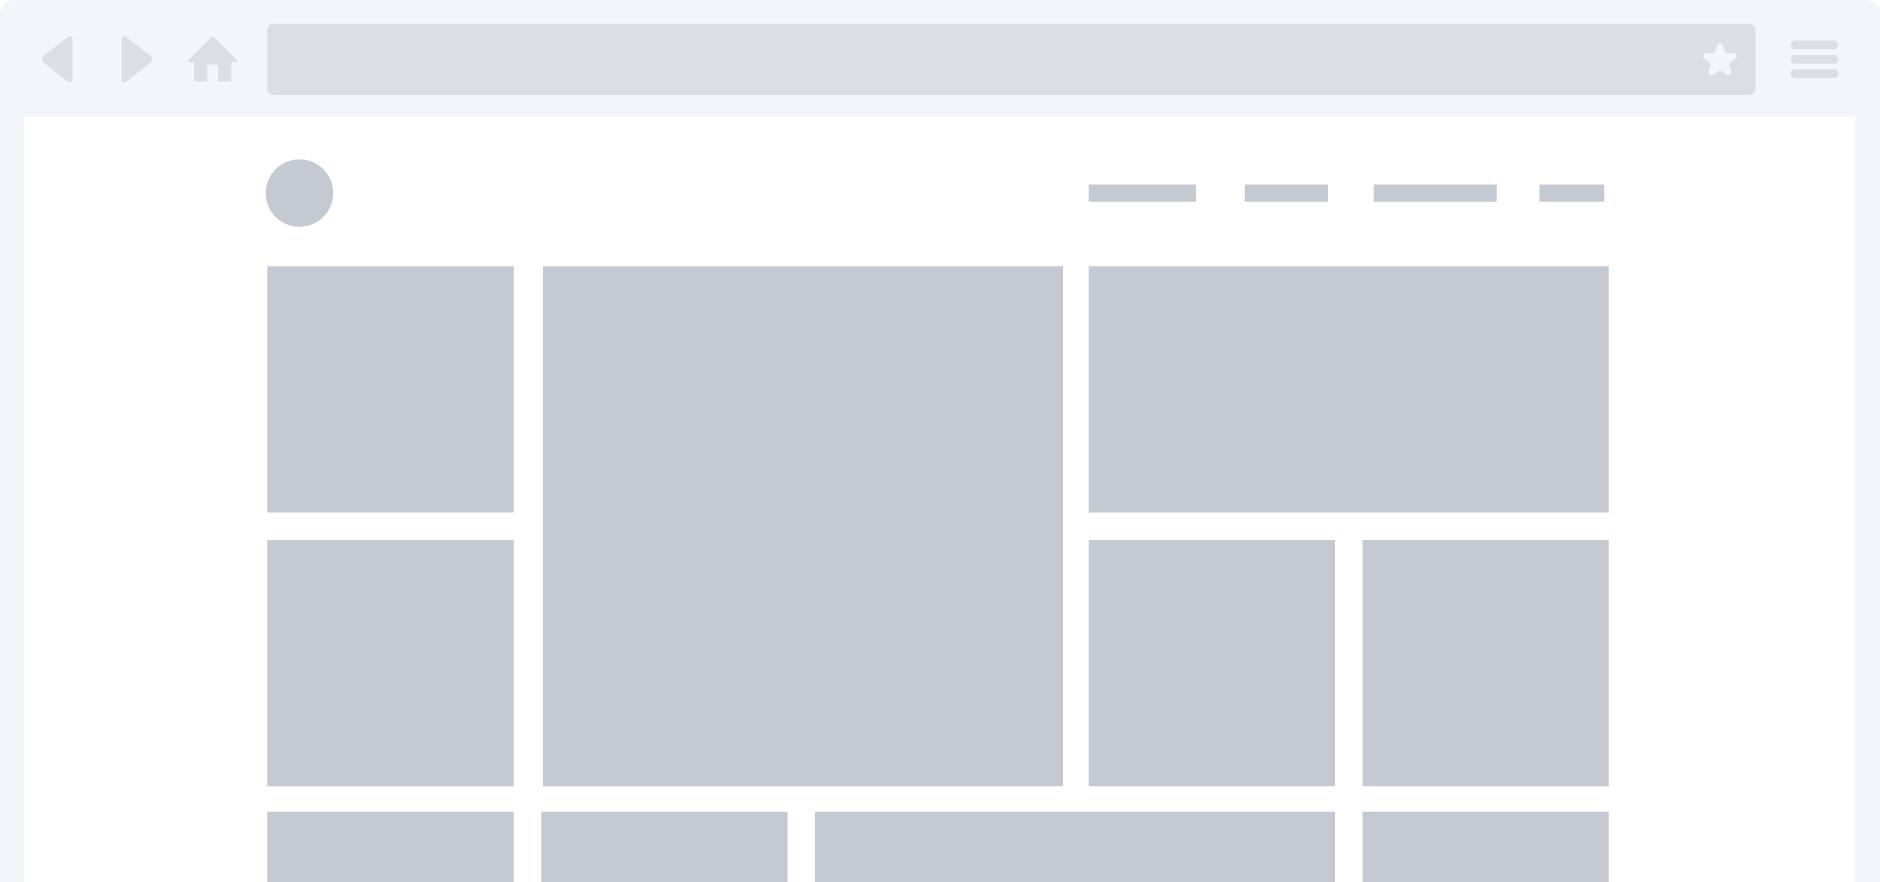 A mock up of a blank Rake screen